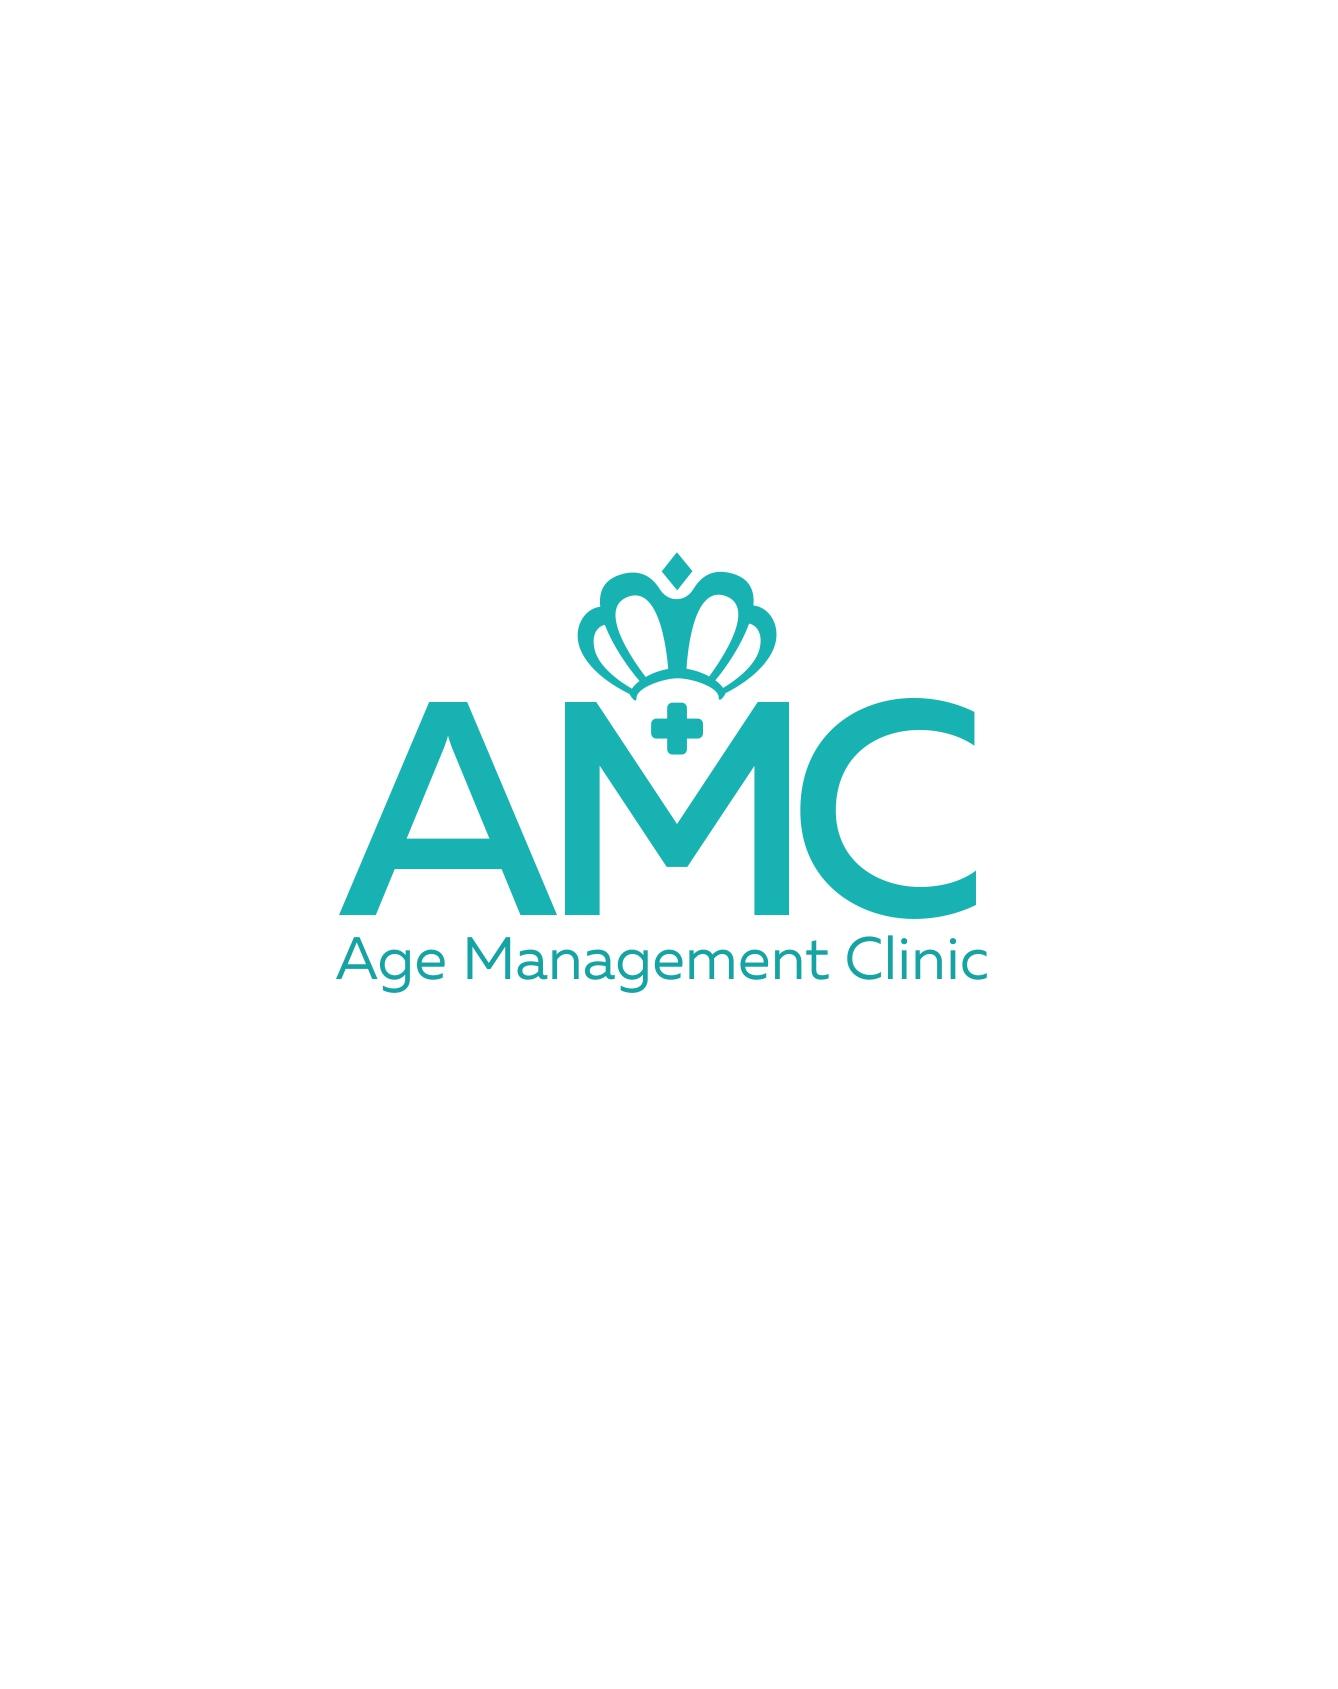 Логотип для медицинского центра (клиники)  фото f_7885b9b43b18e6d4.jpg